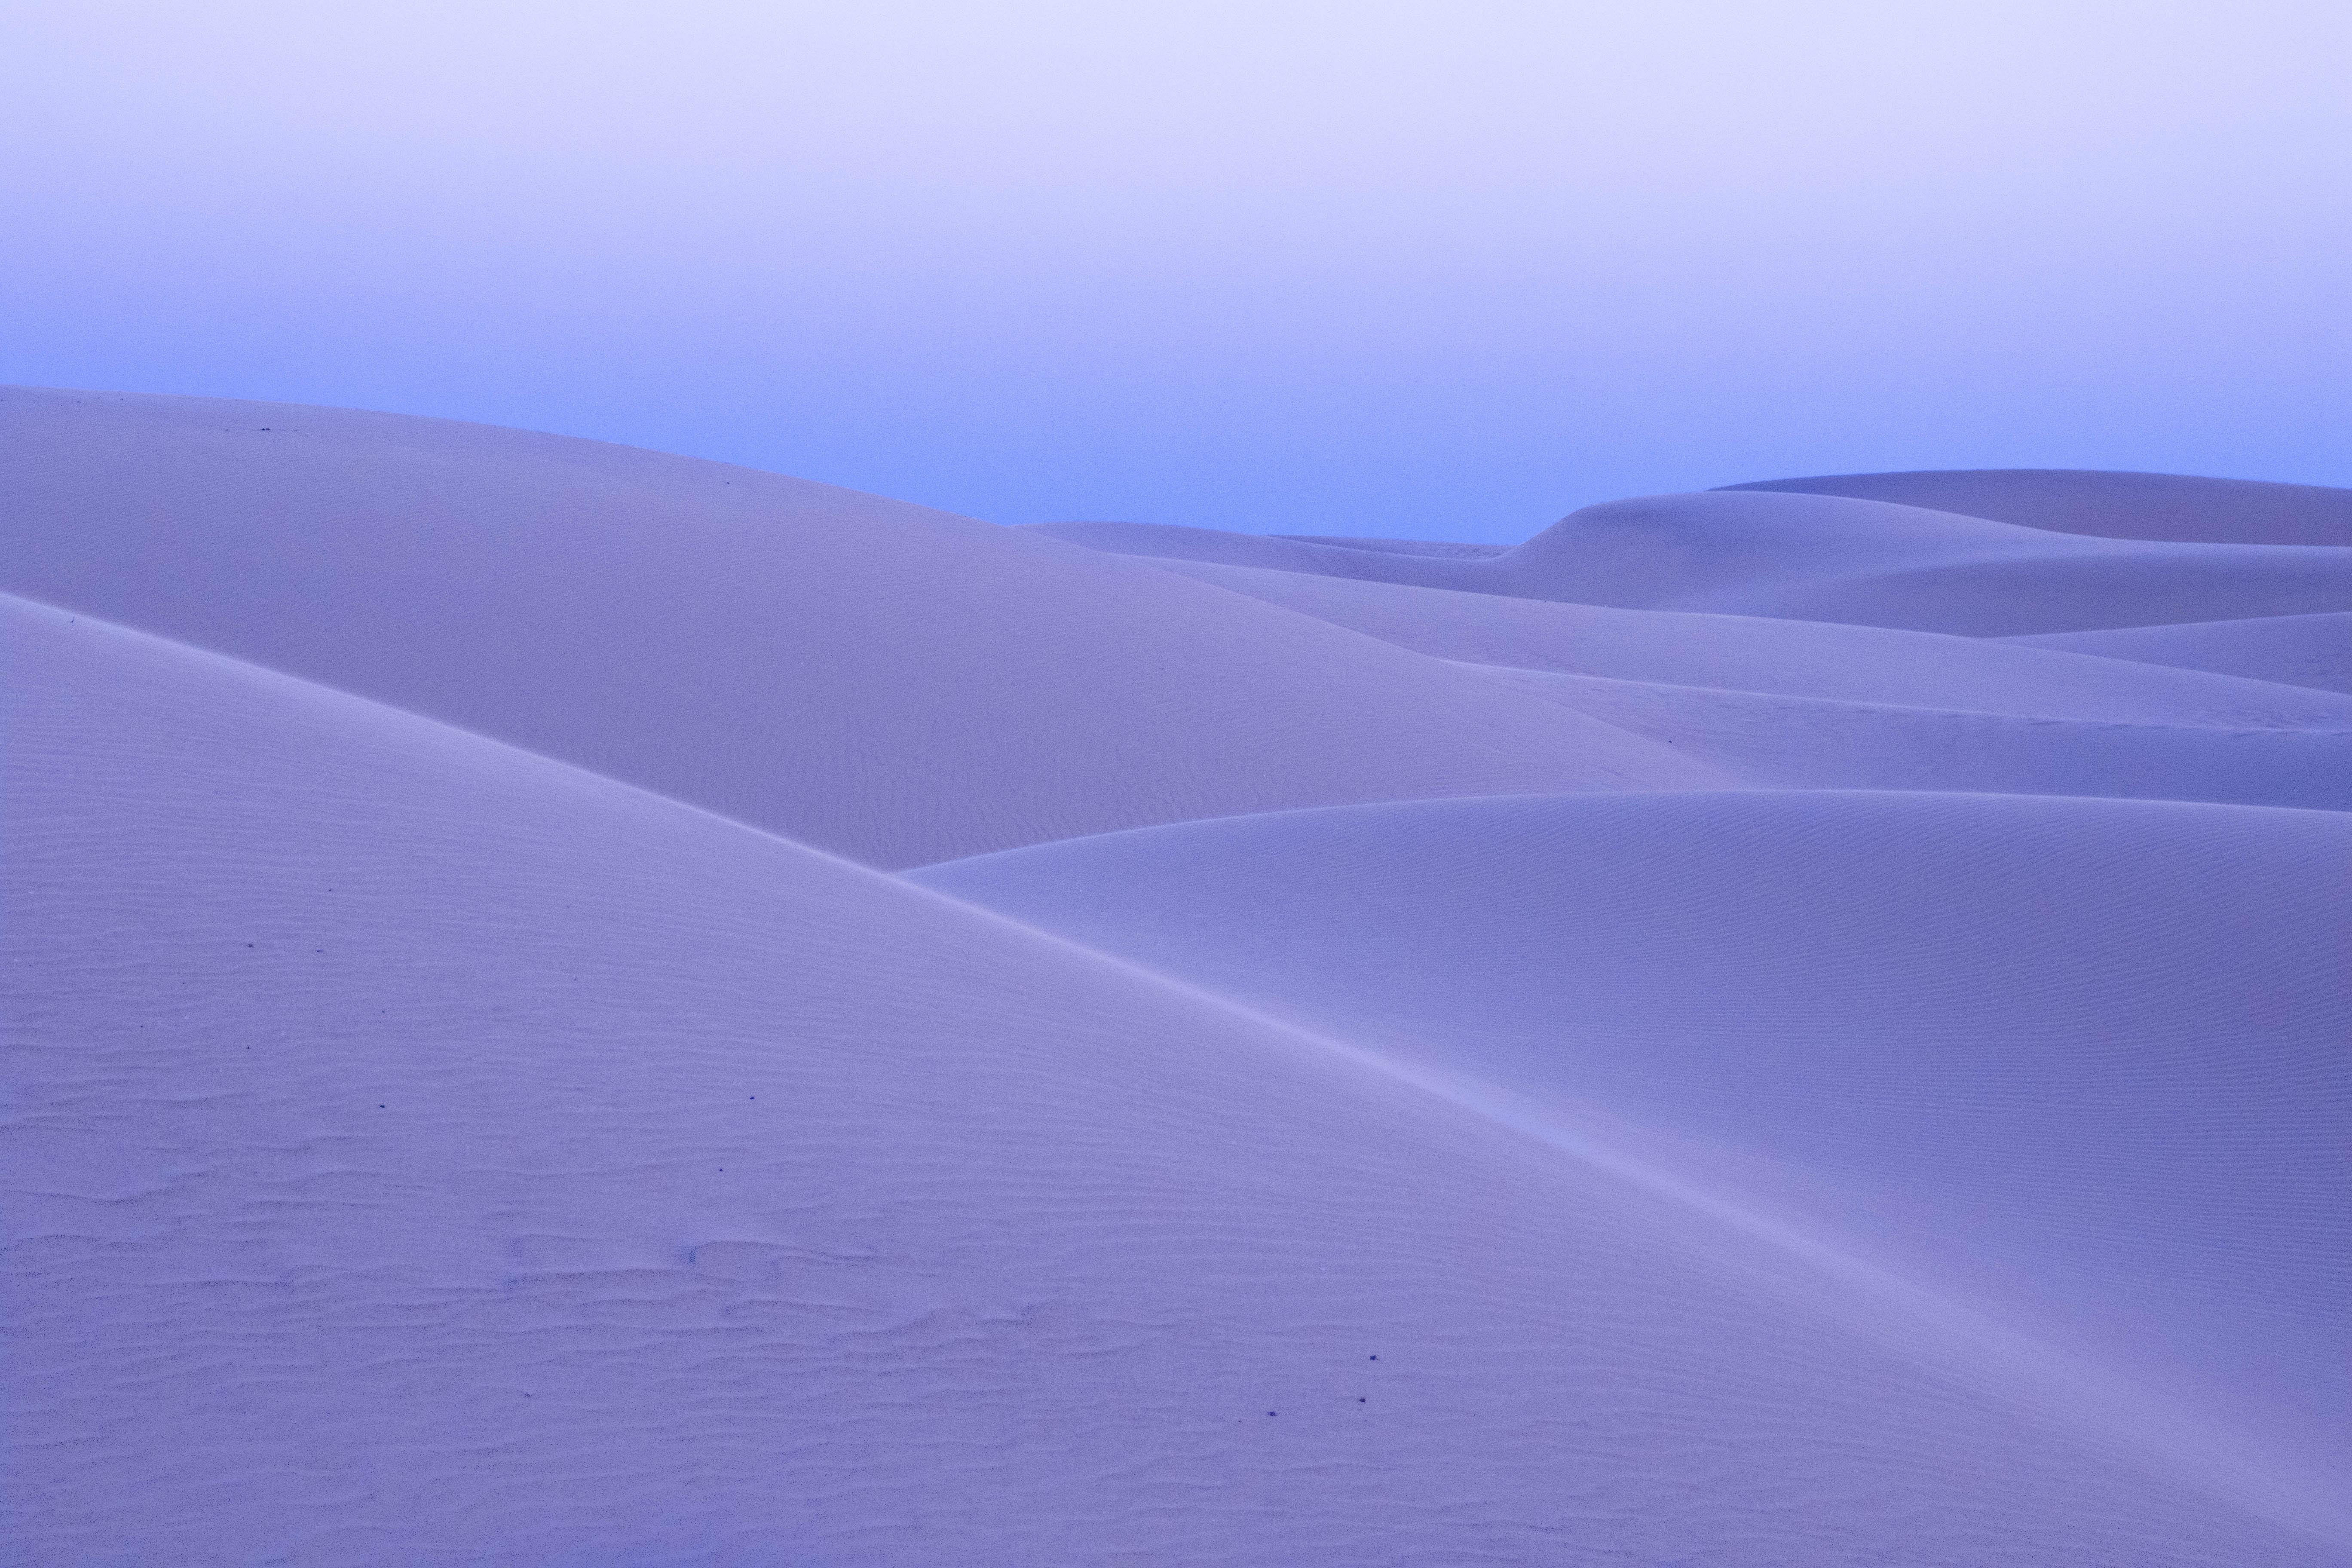 Sand dunes at Pismo Beach